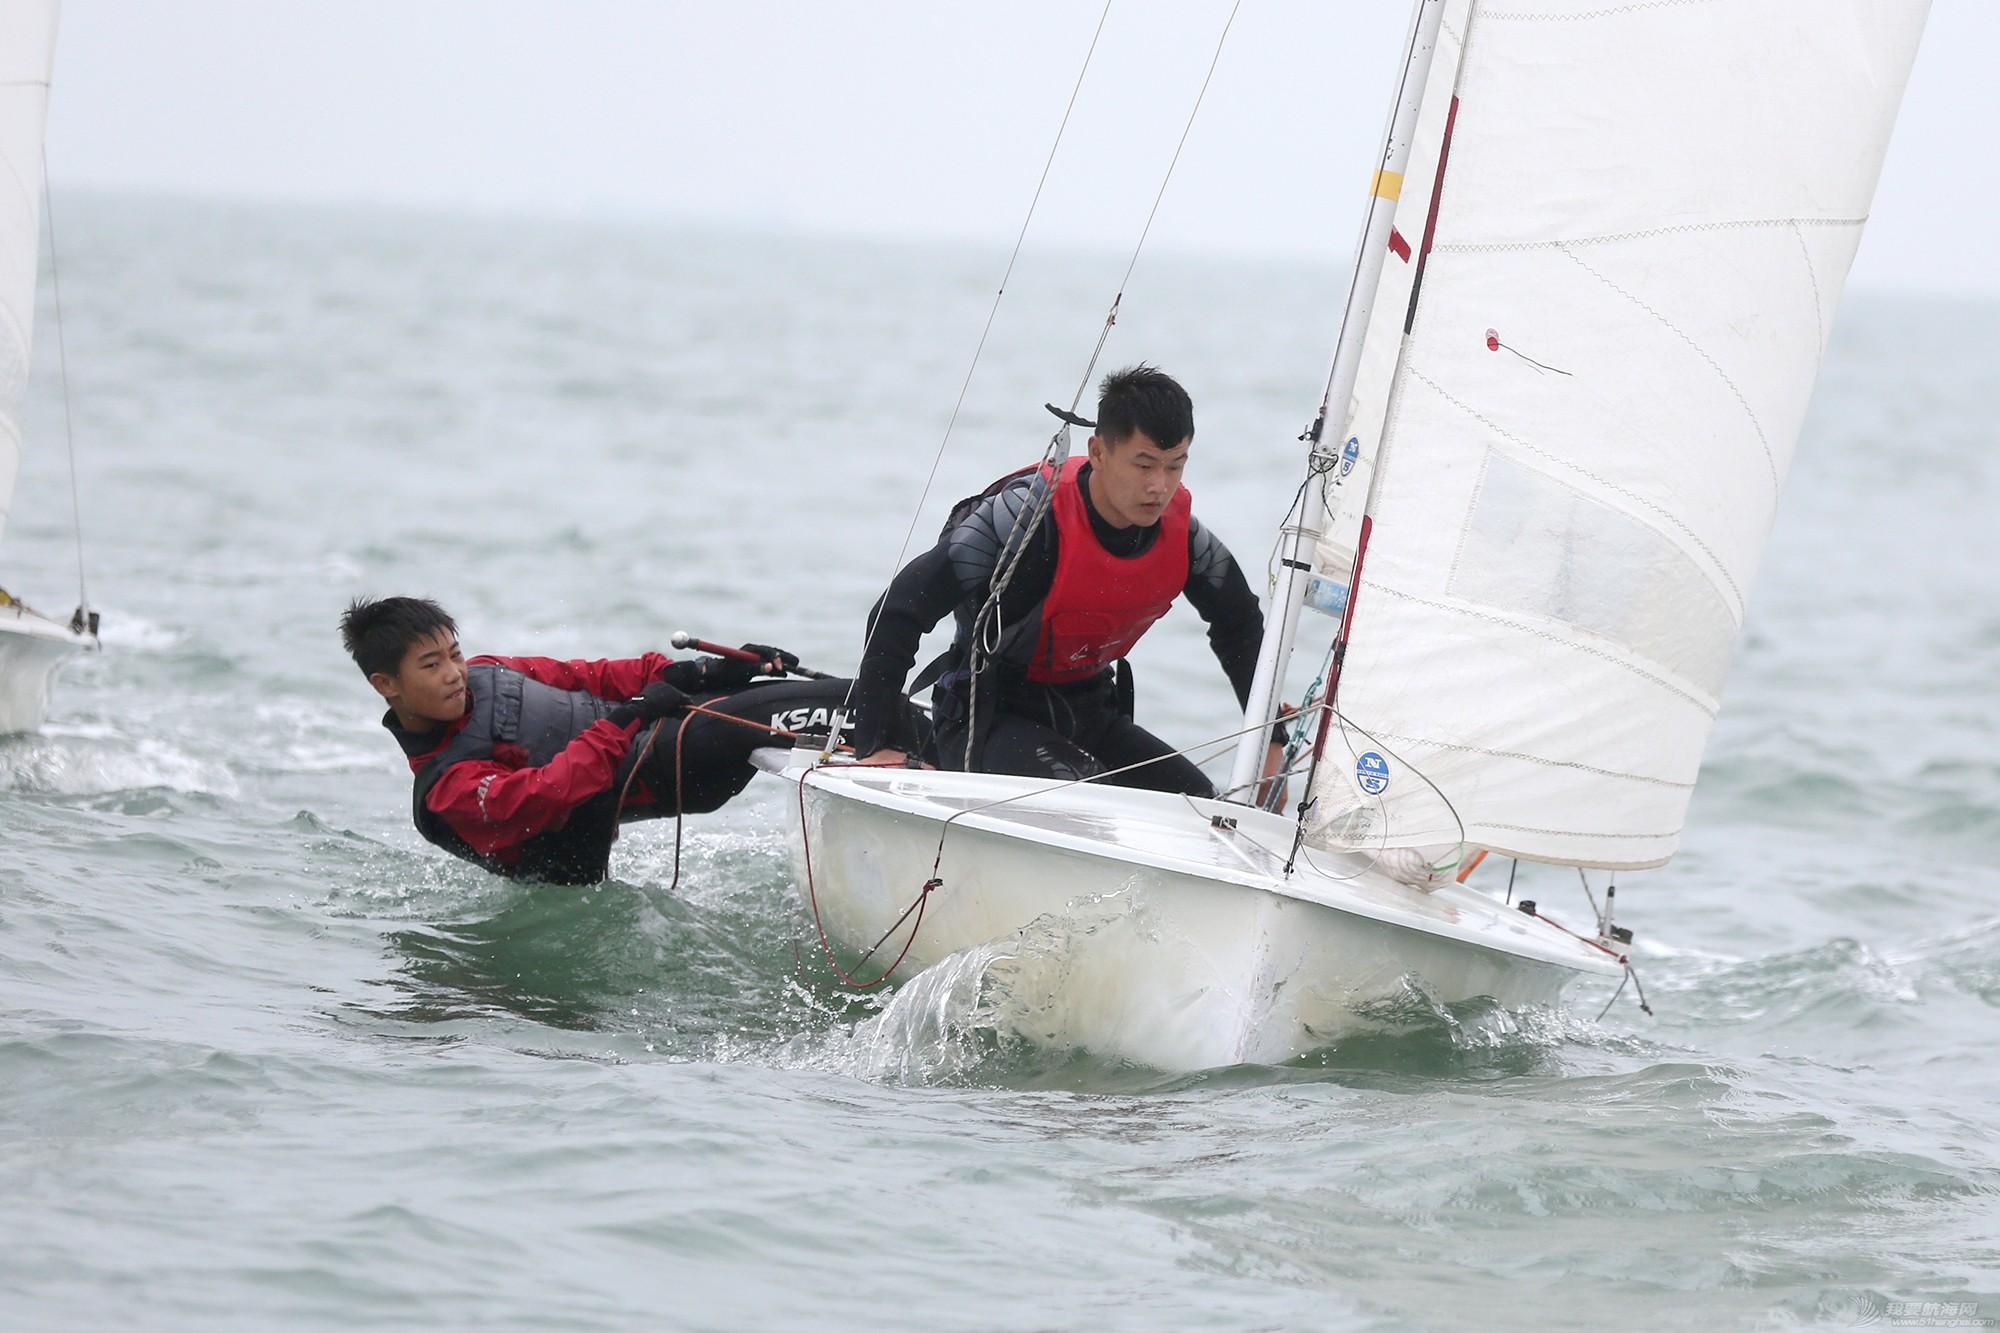 山东省,运动员,冠军赛,天气,帆板 风生水起,怎奈个个都是浪里白条——山东省帆船帆板冠军赛第二天赛况 5V8A2660副本.jpg